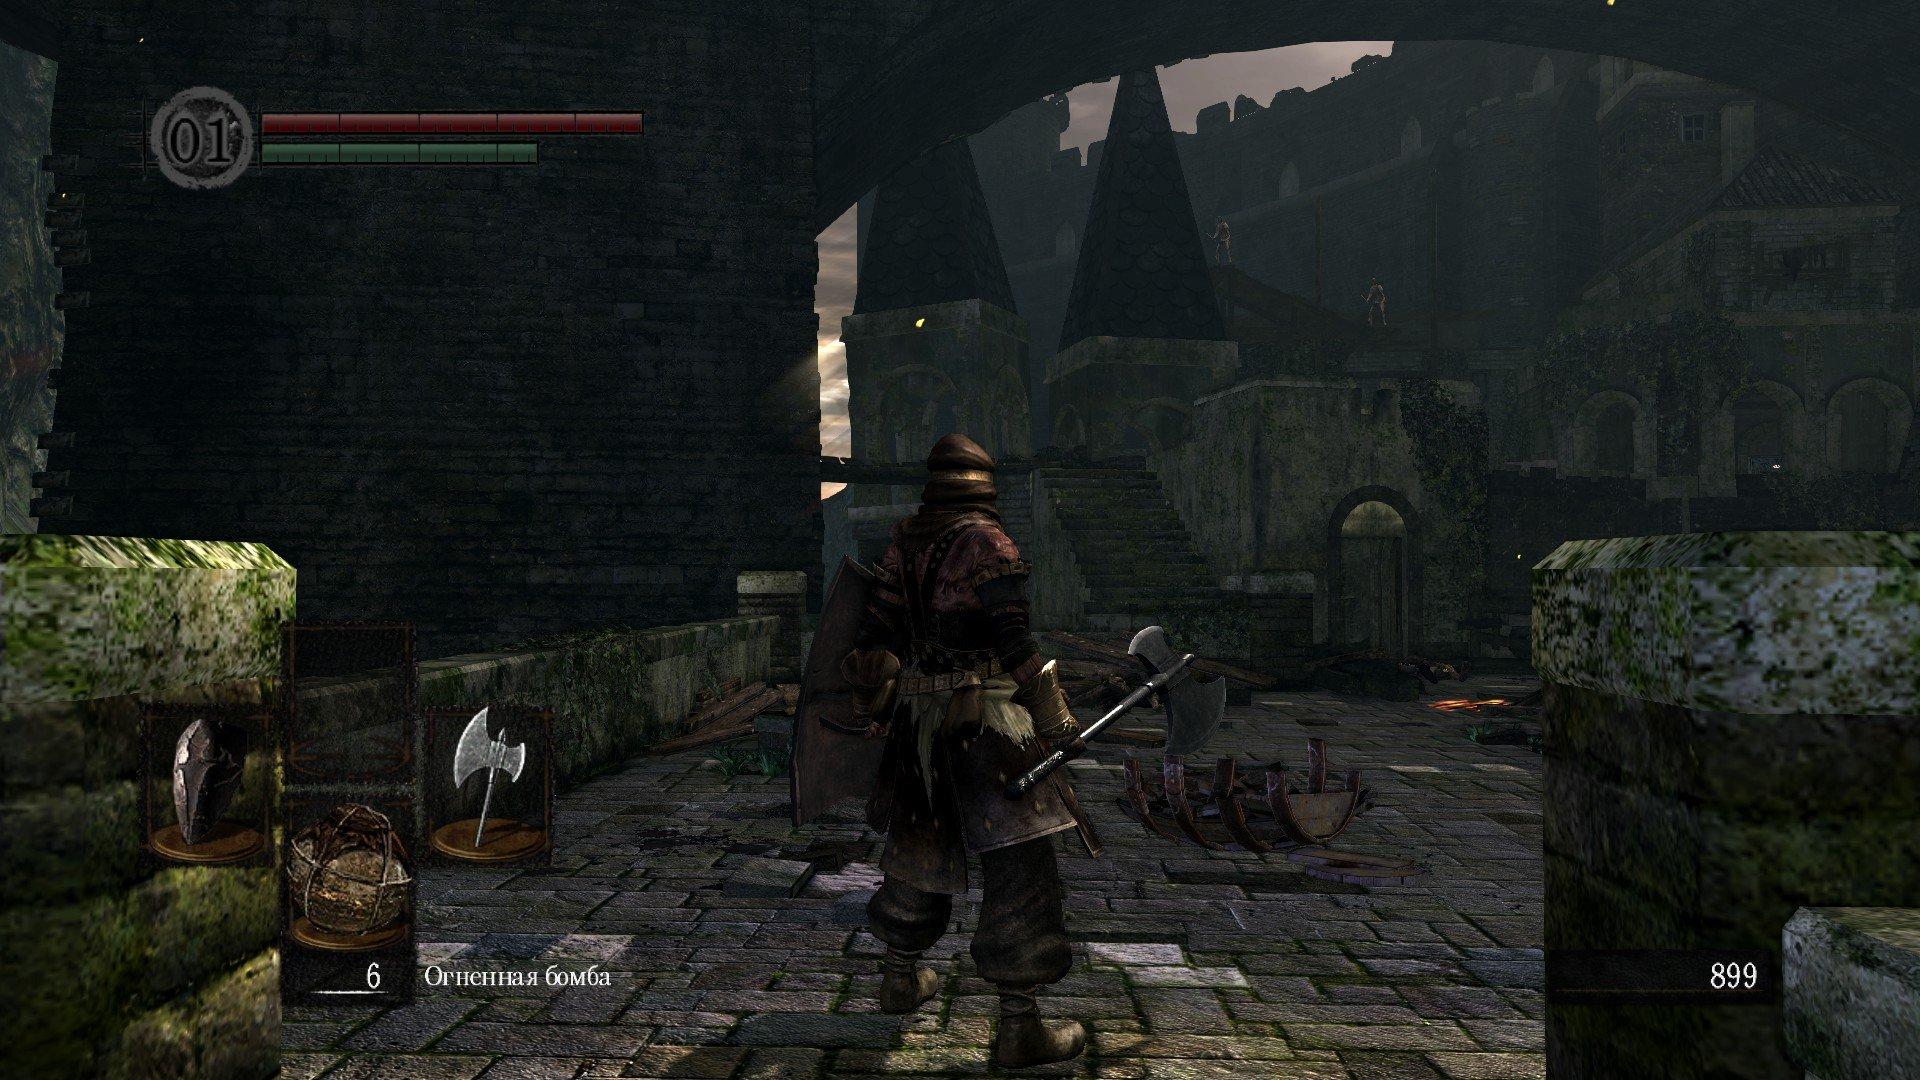 Вопль-прохождение Dark Souls часть 1 (ЗАПИСЬ) ... еще не решил, как это называть! - Изображение 8